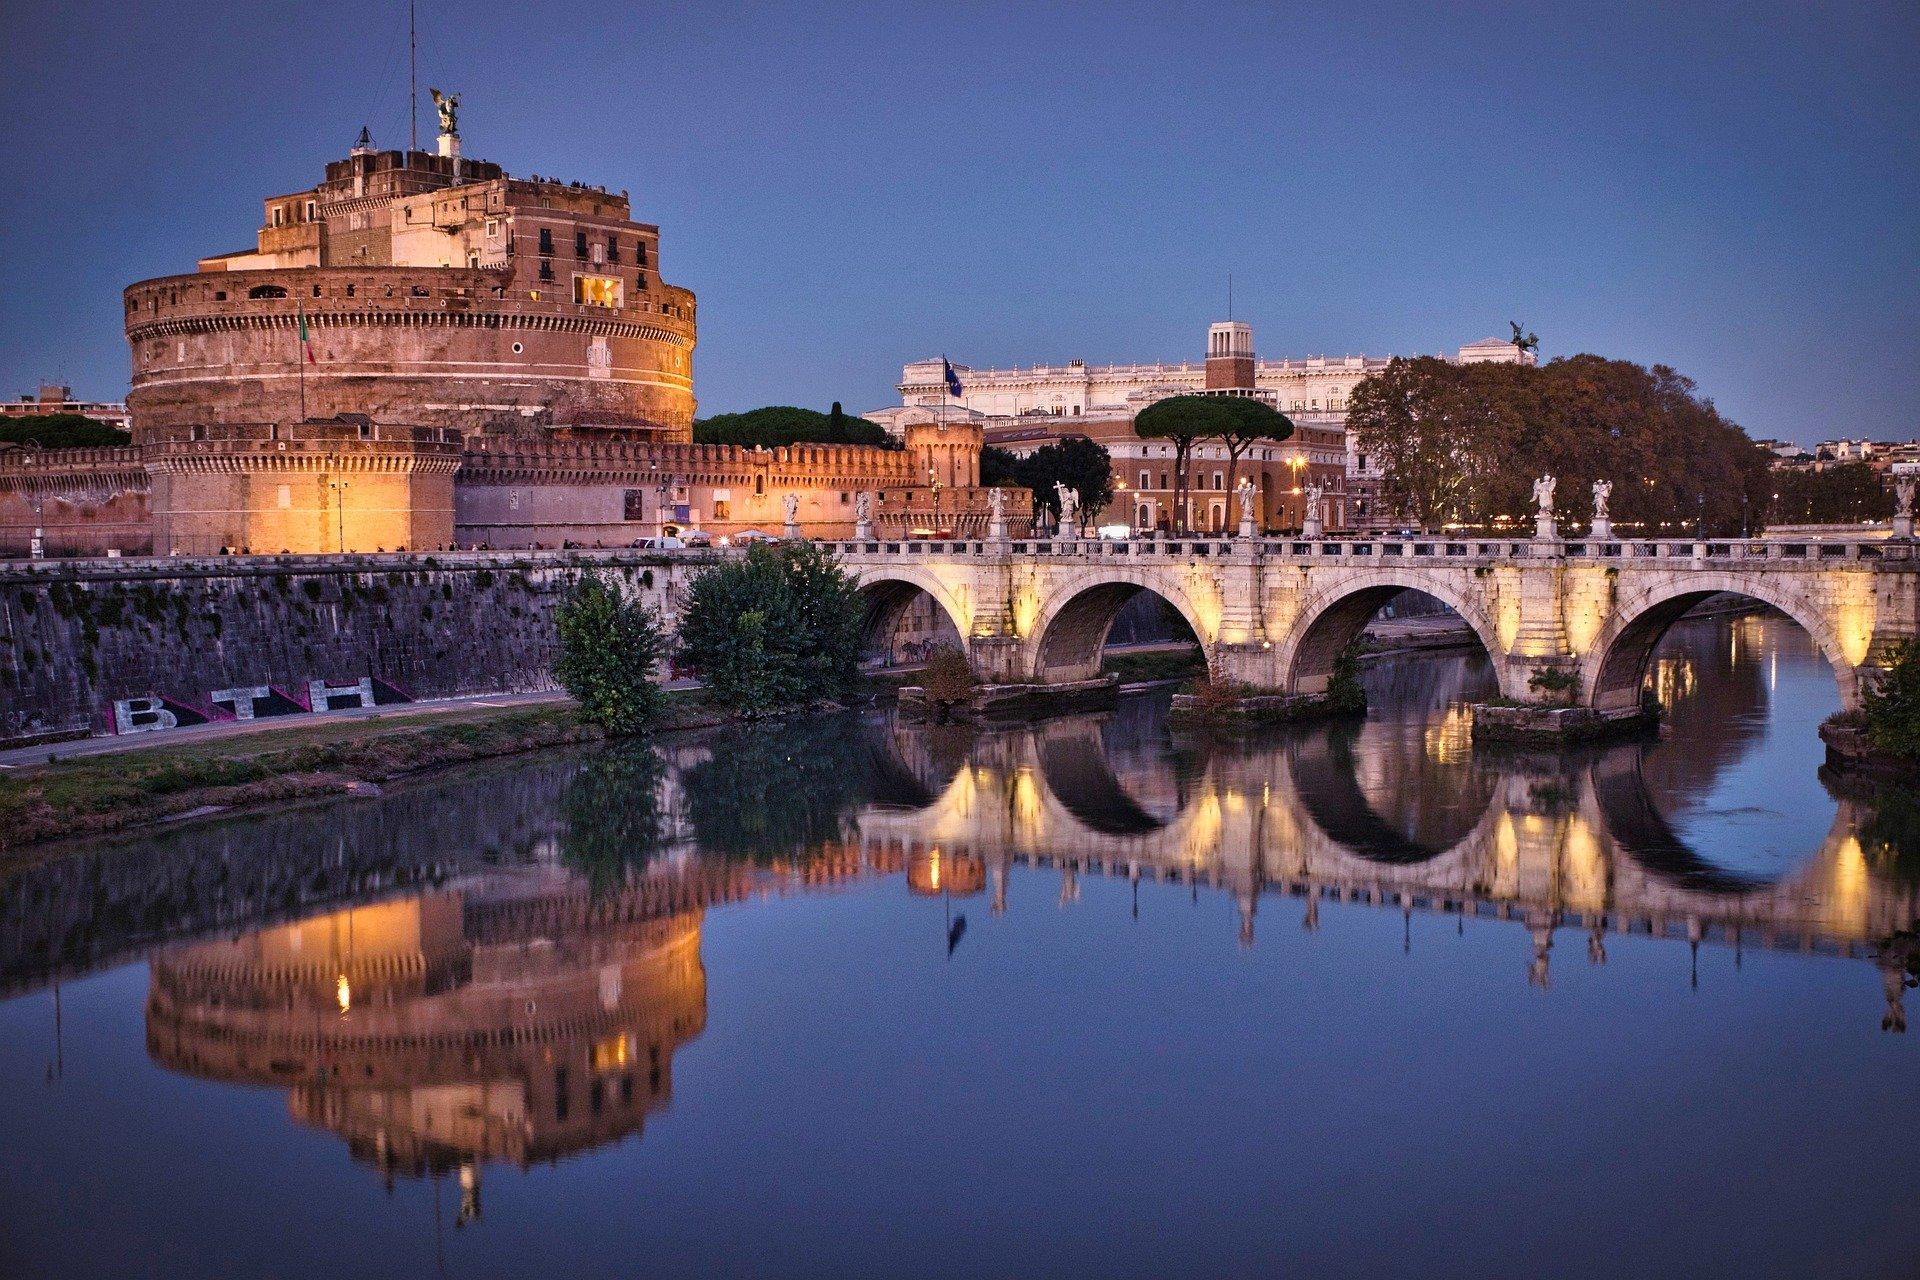 I migliori castelli medievali da visitare in Italia